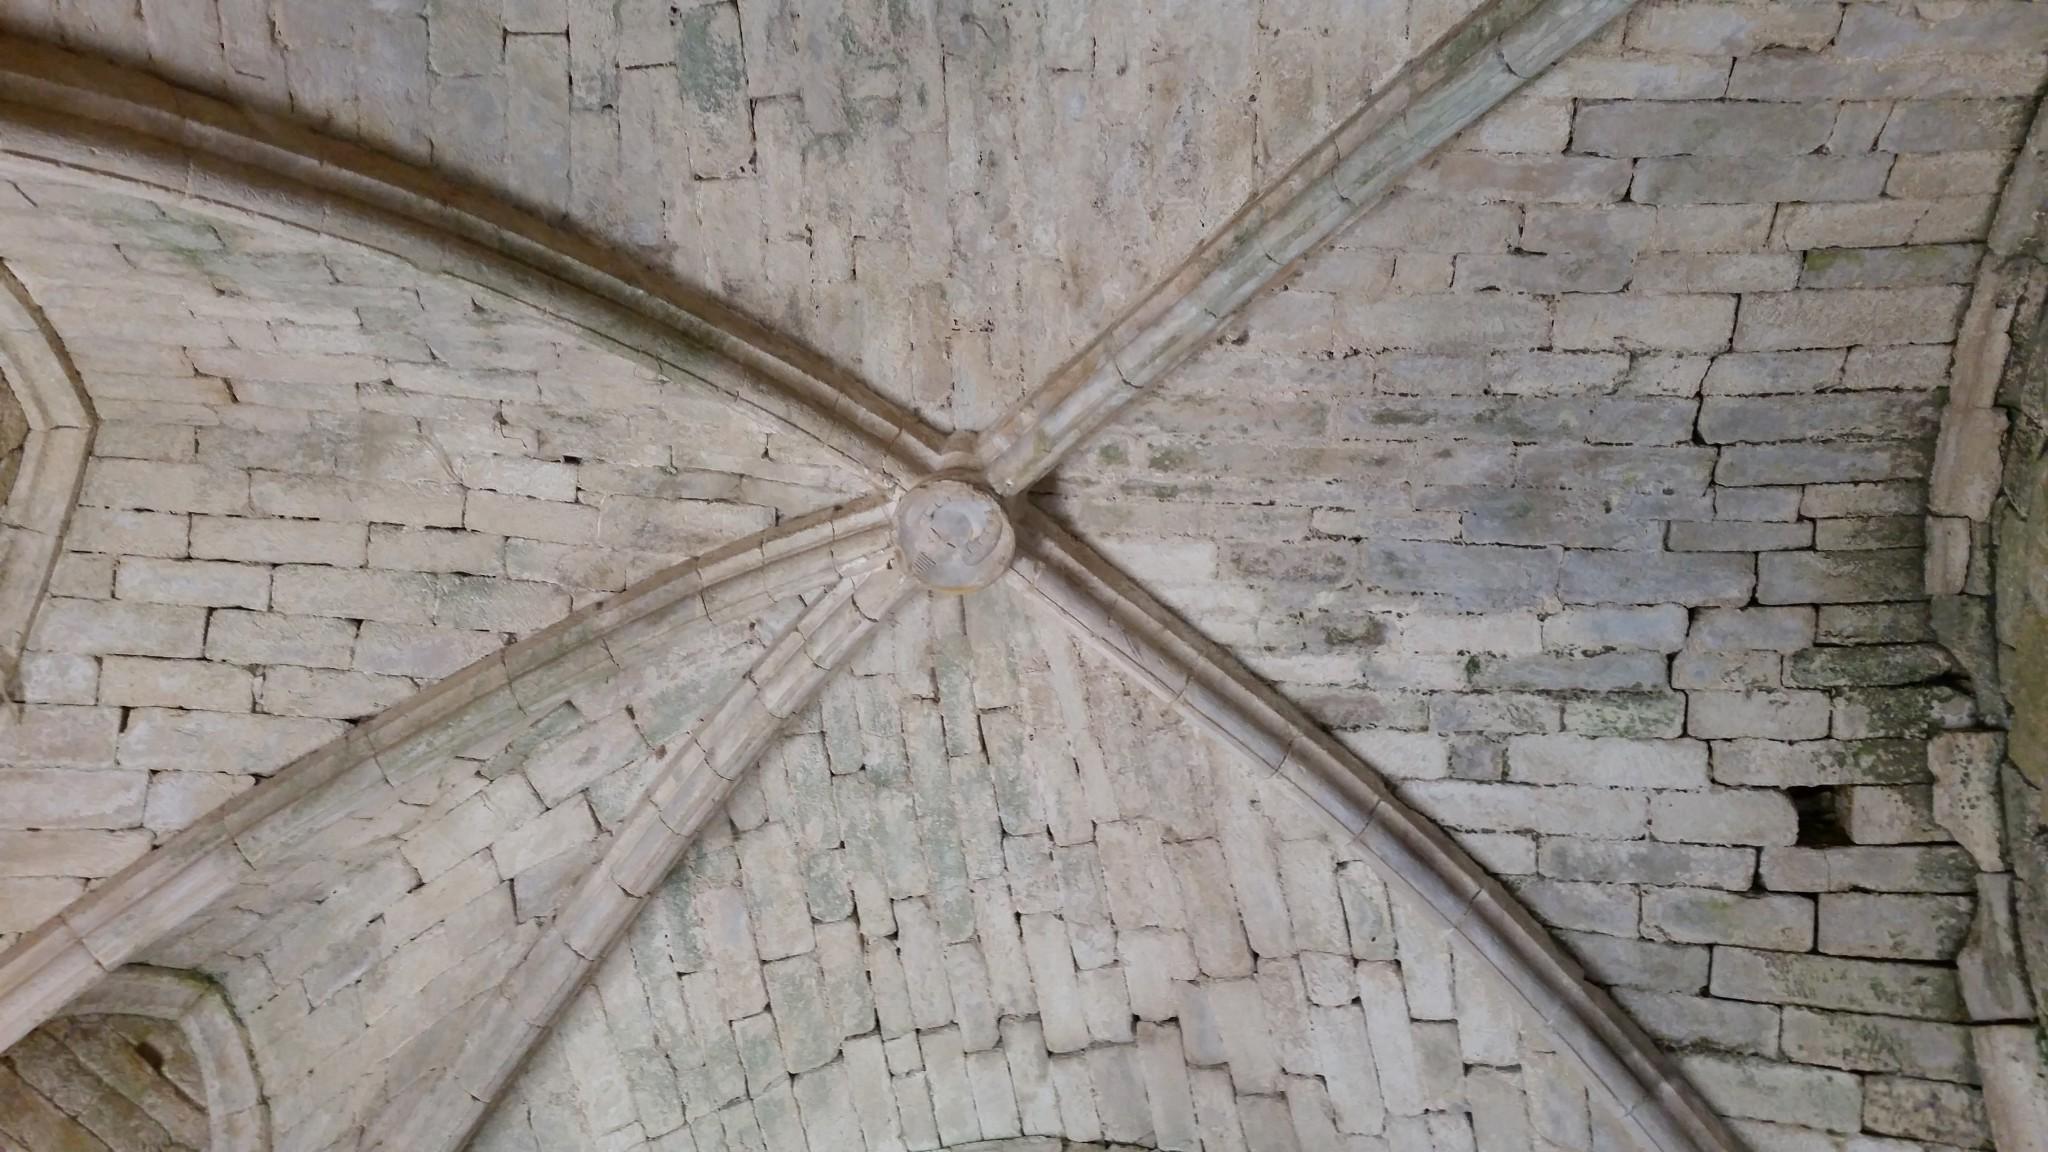 La vòuta de la tor gotica, emb l'escusson daus Beinac